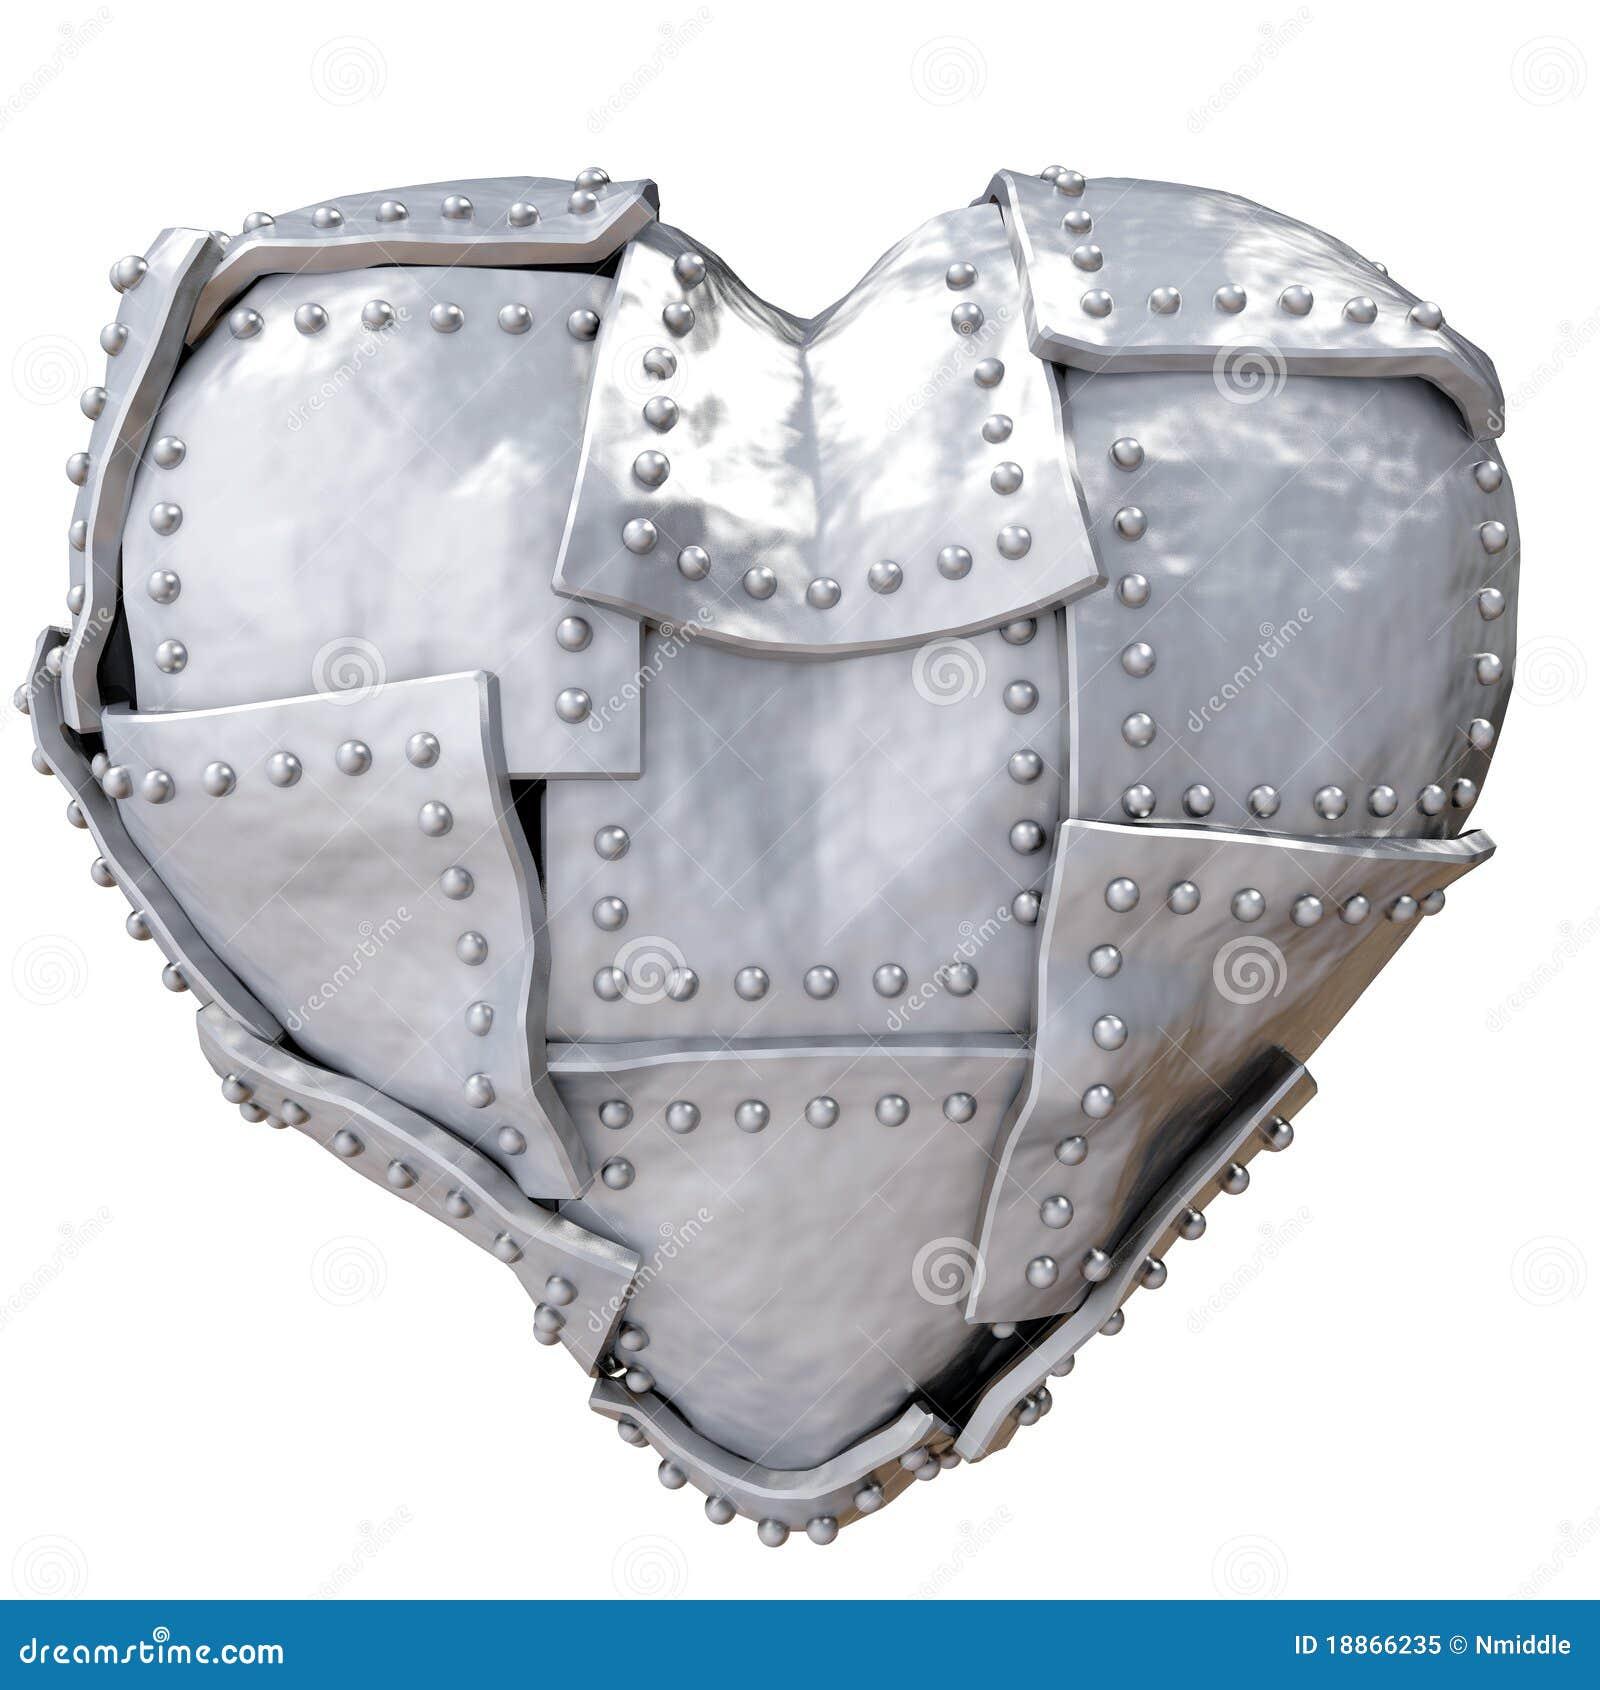 heart iron: